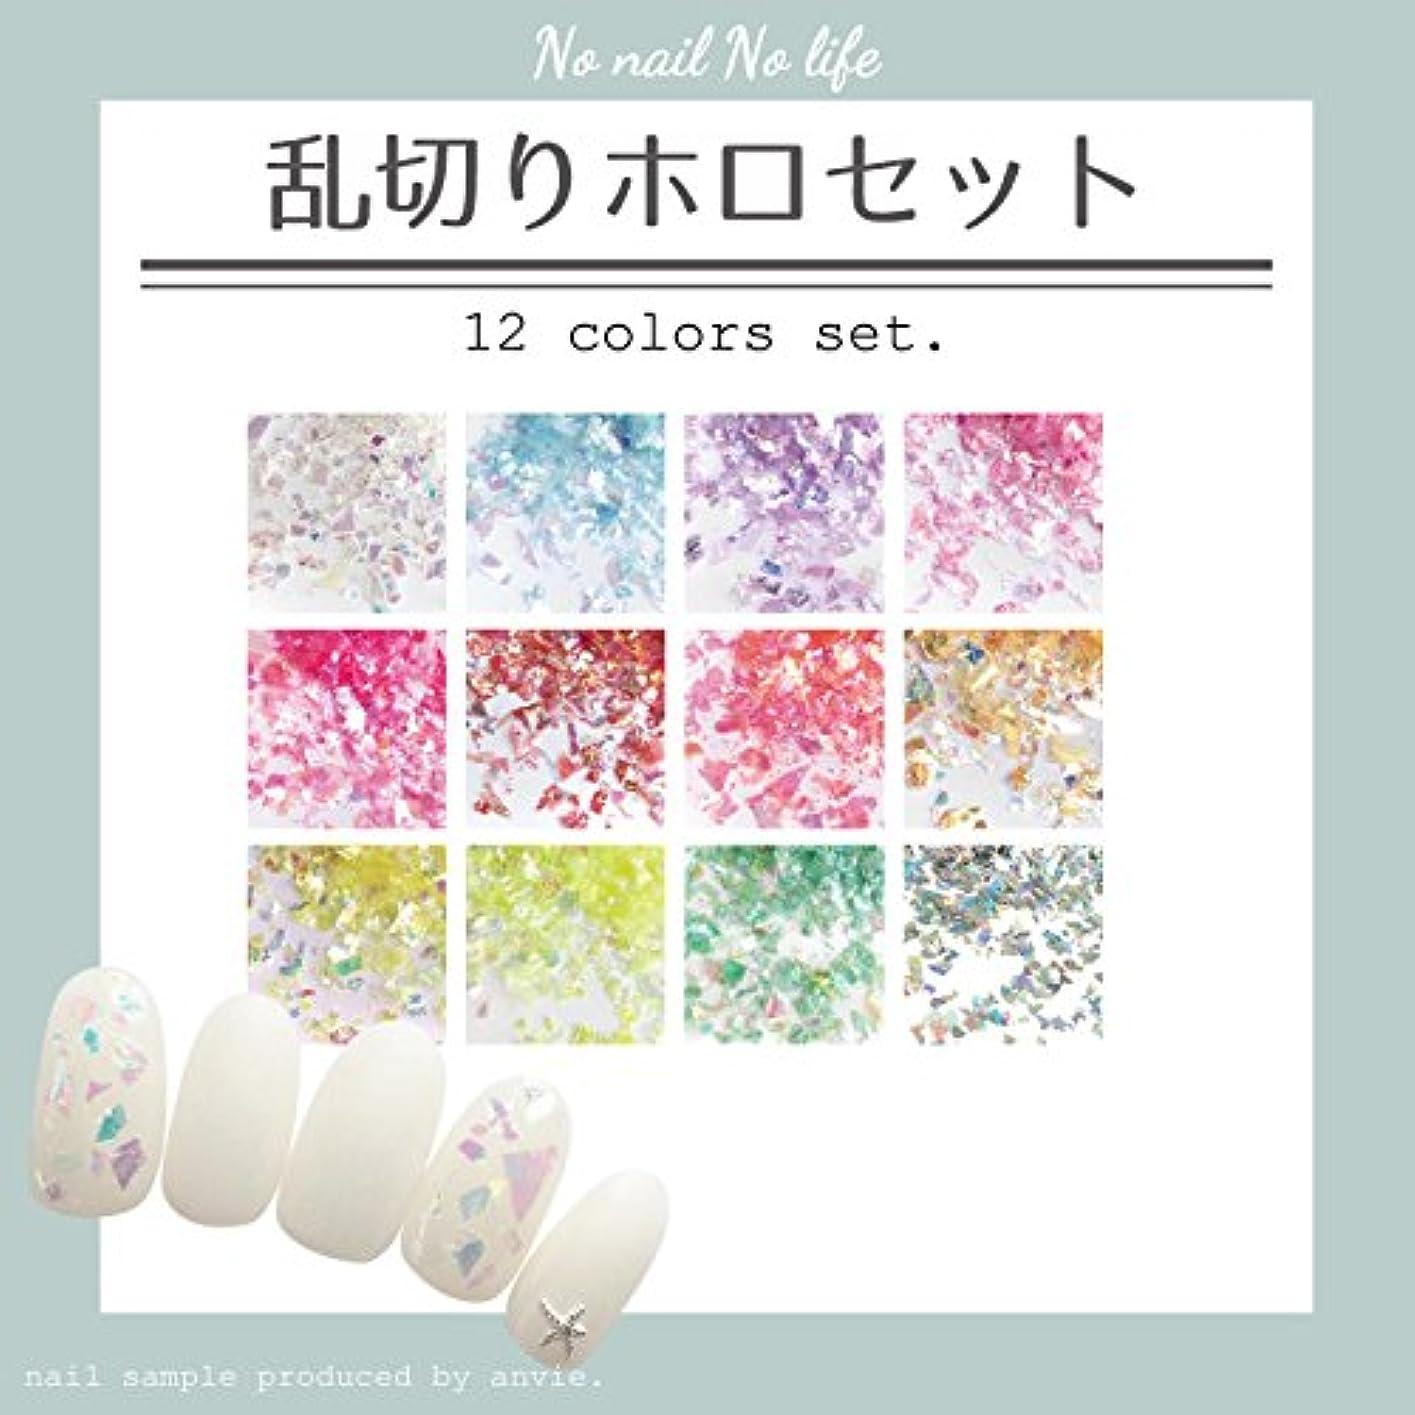 不幸更新確認する【モードデラカーサ】プラチナホログラム 乱切りタイプ 12色セット (12色セット)